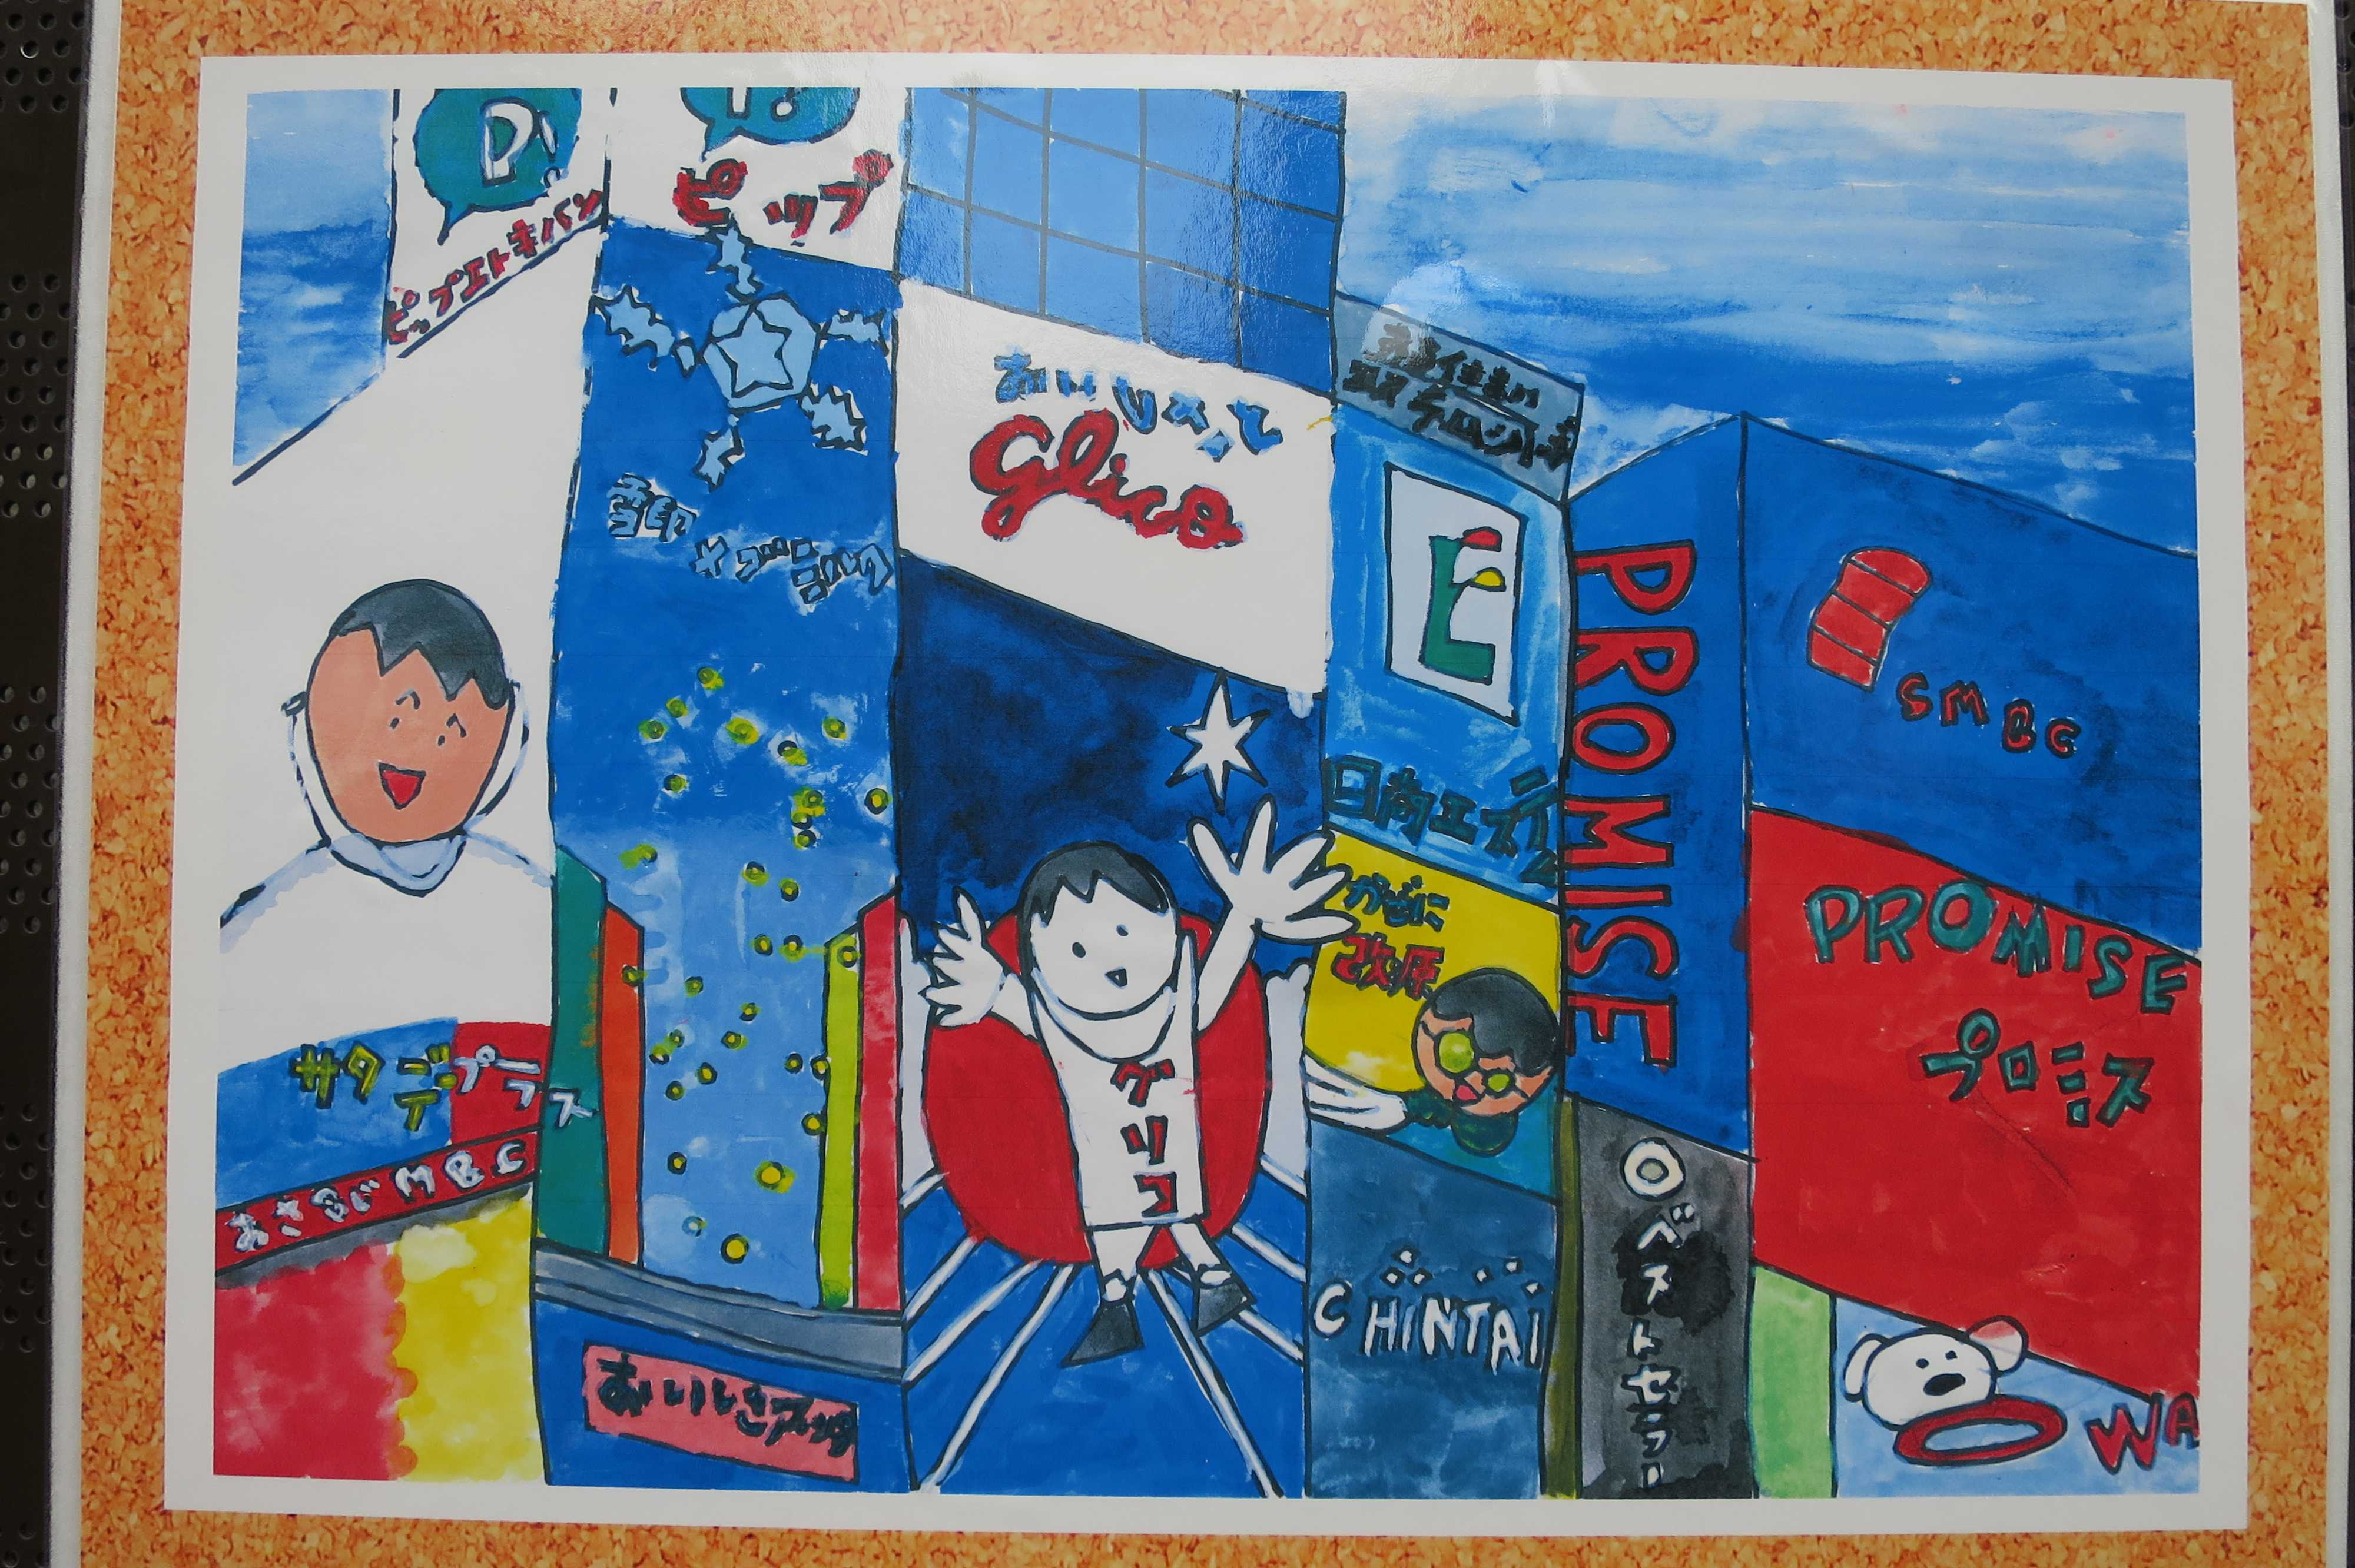 大阪・道頓堀 - 子供たちが描いたグリコの看板(ゴールインマーク)